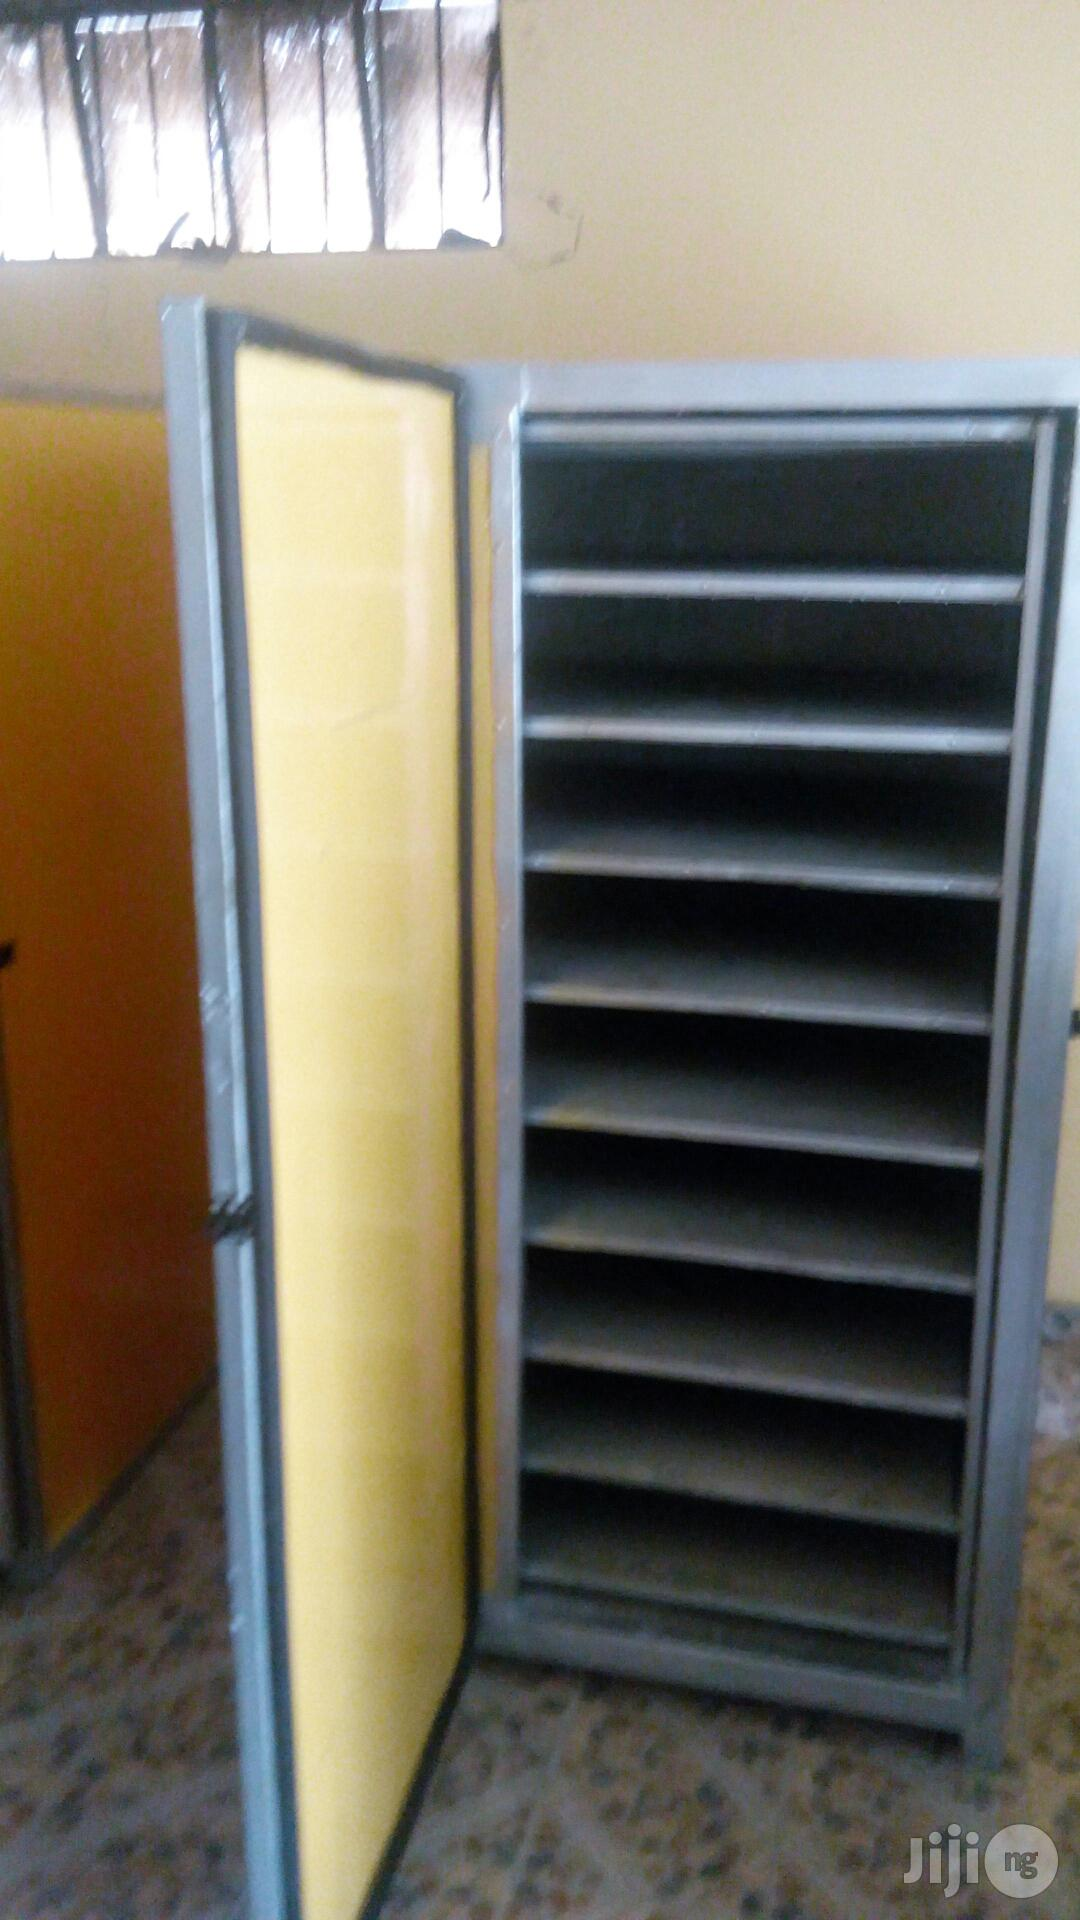 Local Ice Block Machine 100 Block | Restaurant & Catering Equipment for sale in Ojo, Lagos State, Nigeria